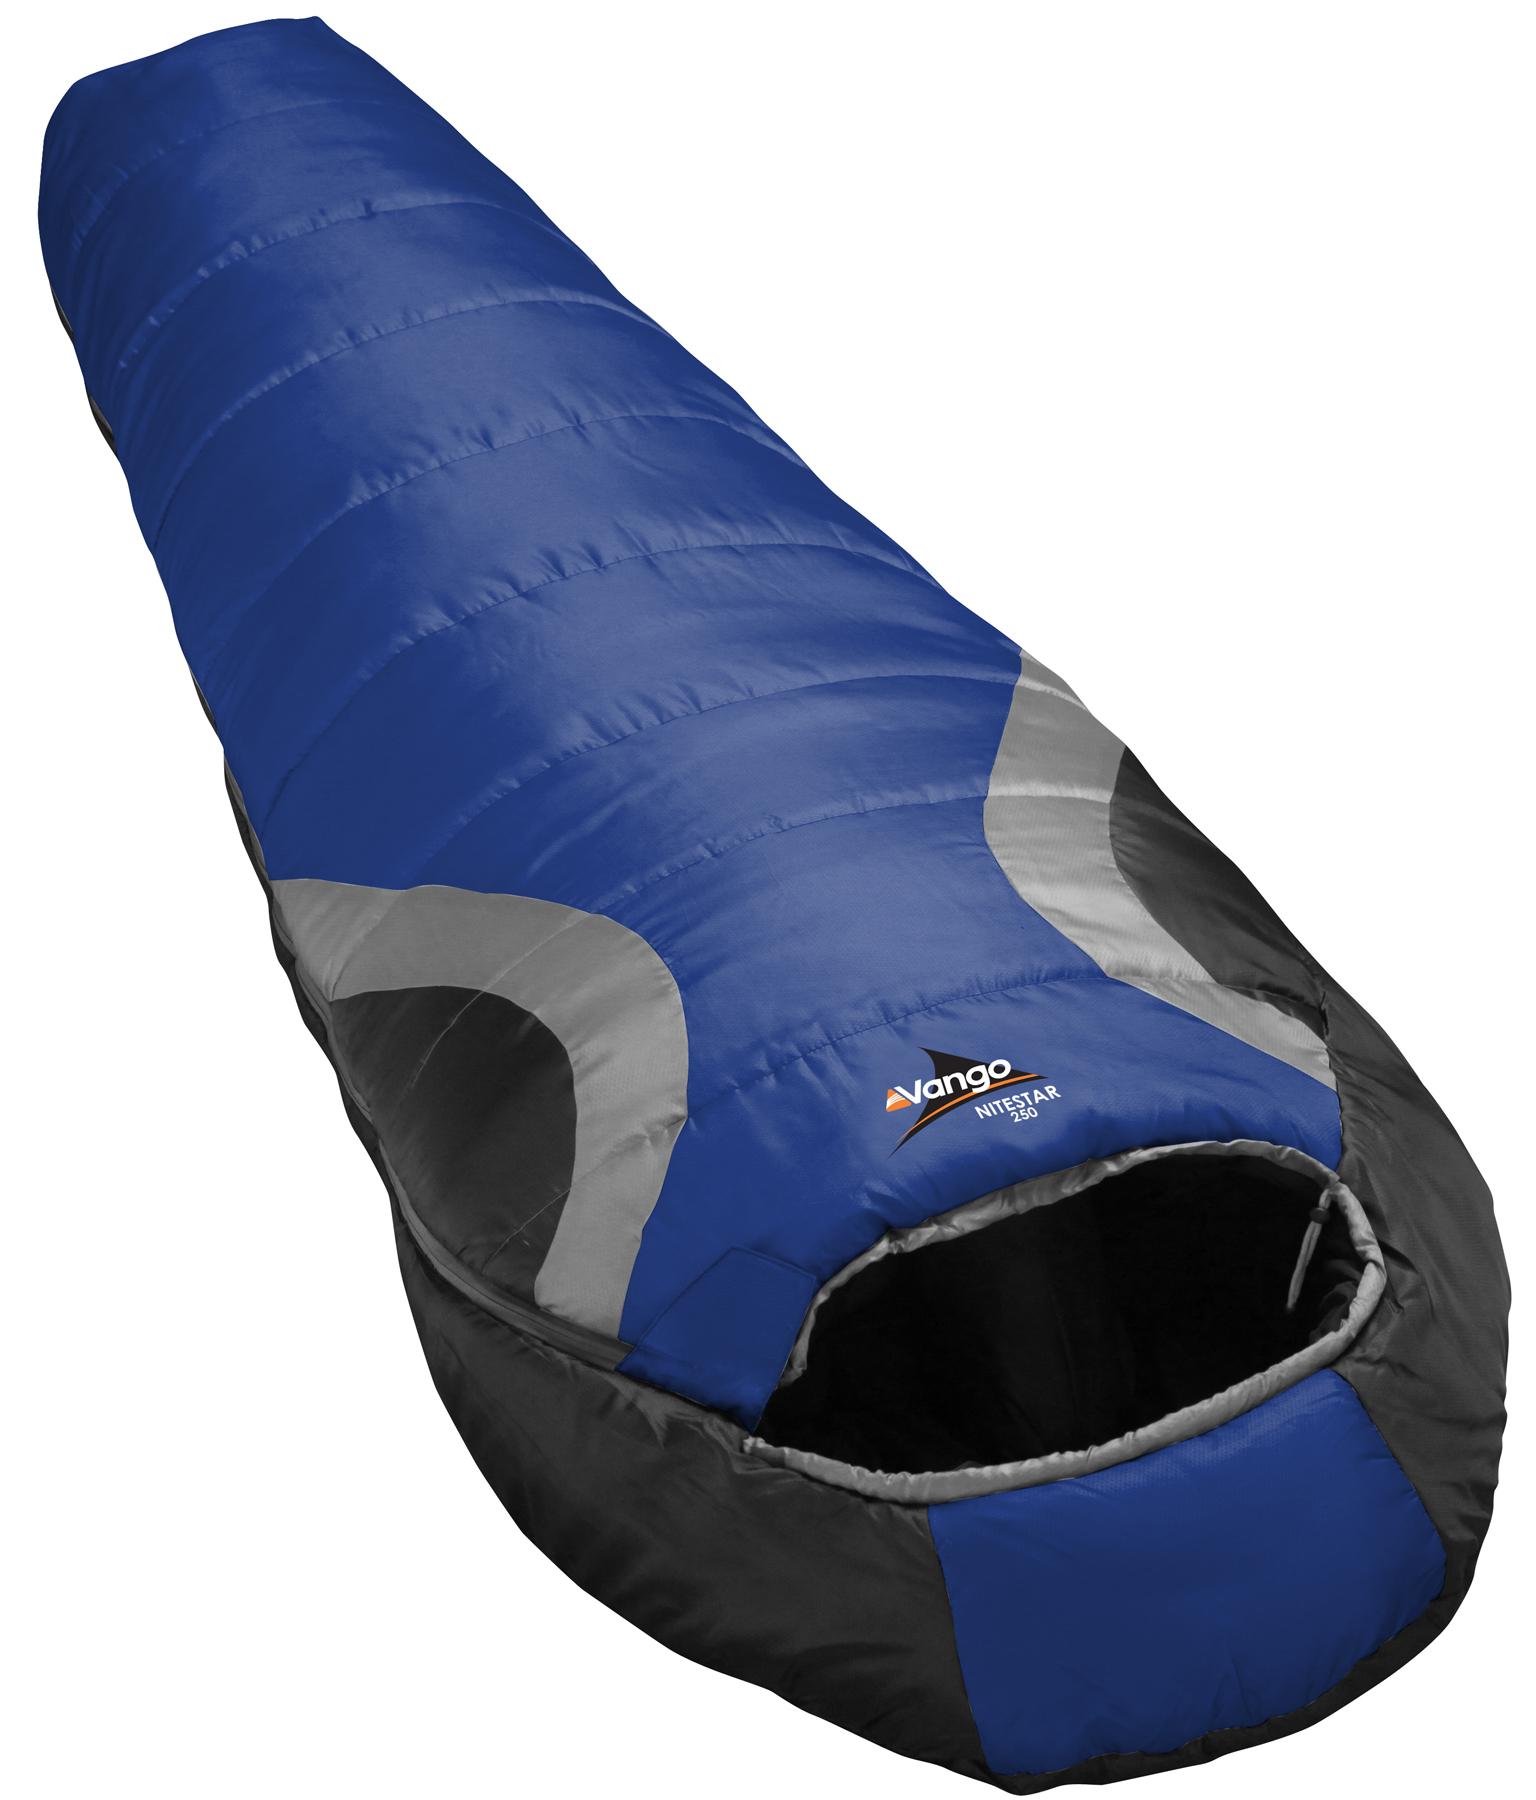 Vango Nitestar 250 DofE Recommended Sleeping Bag Cobalt Blue